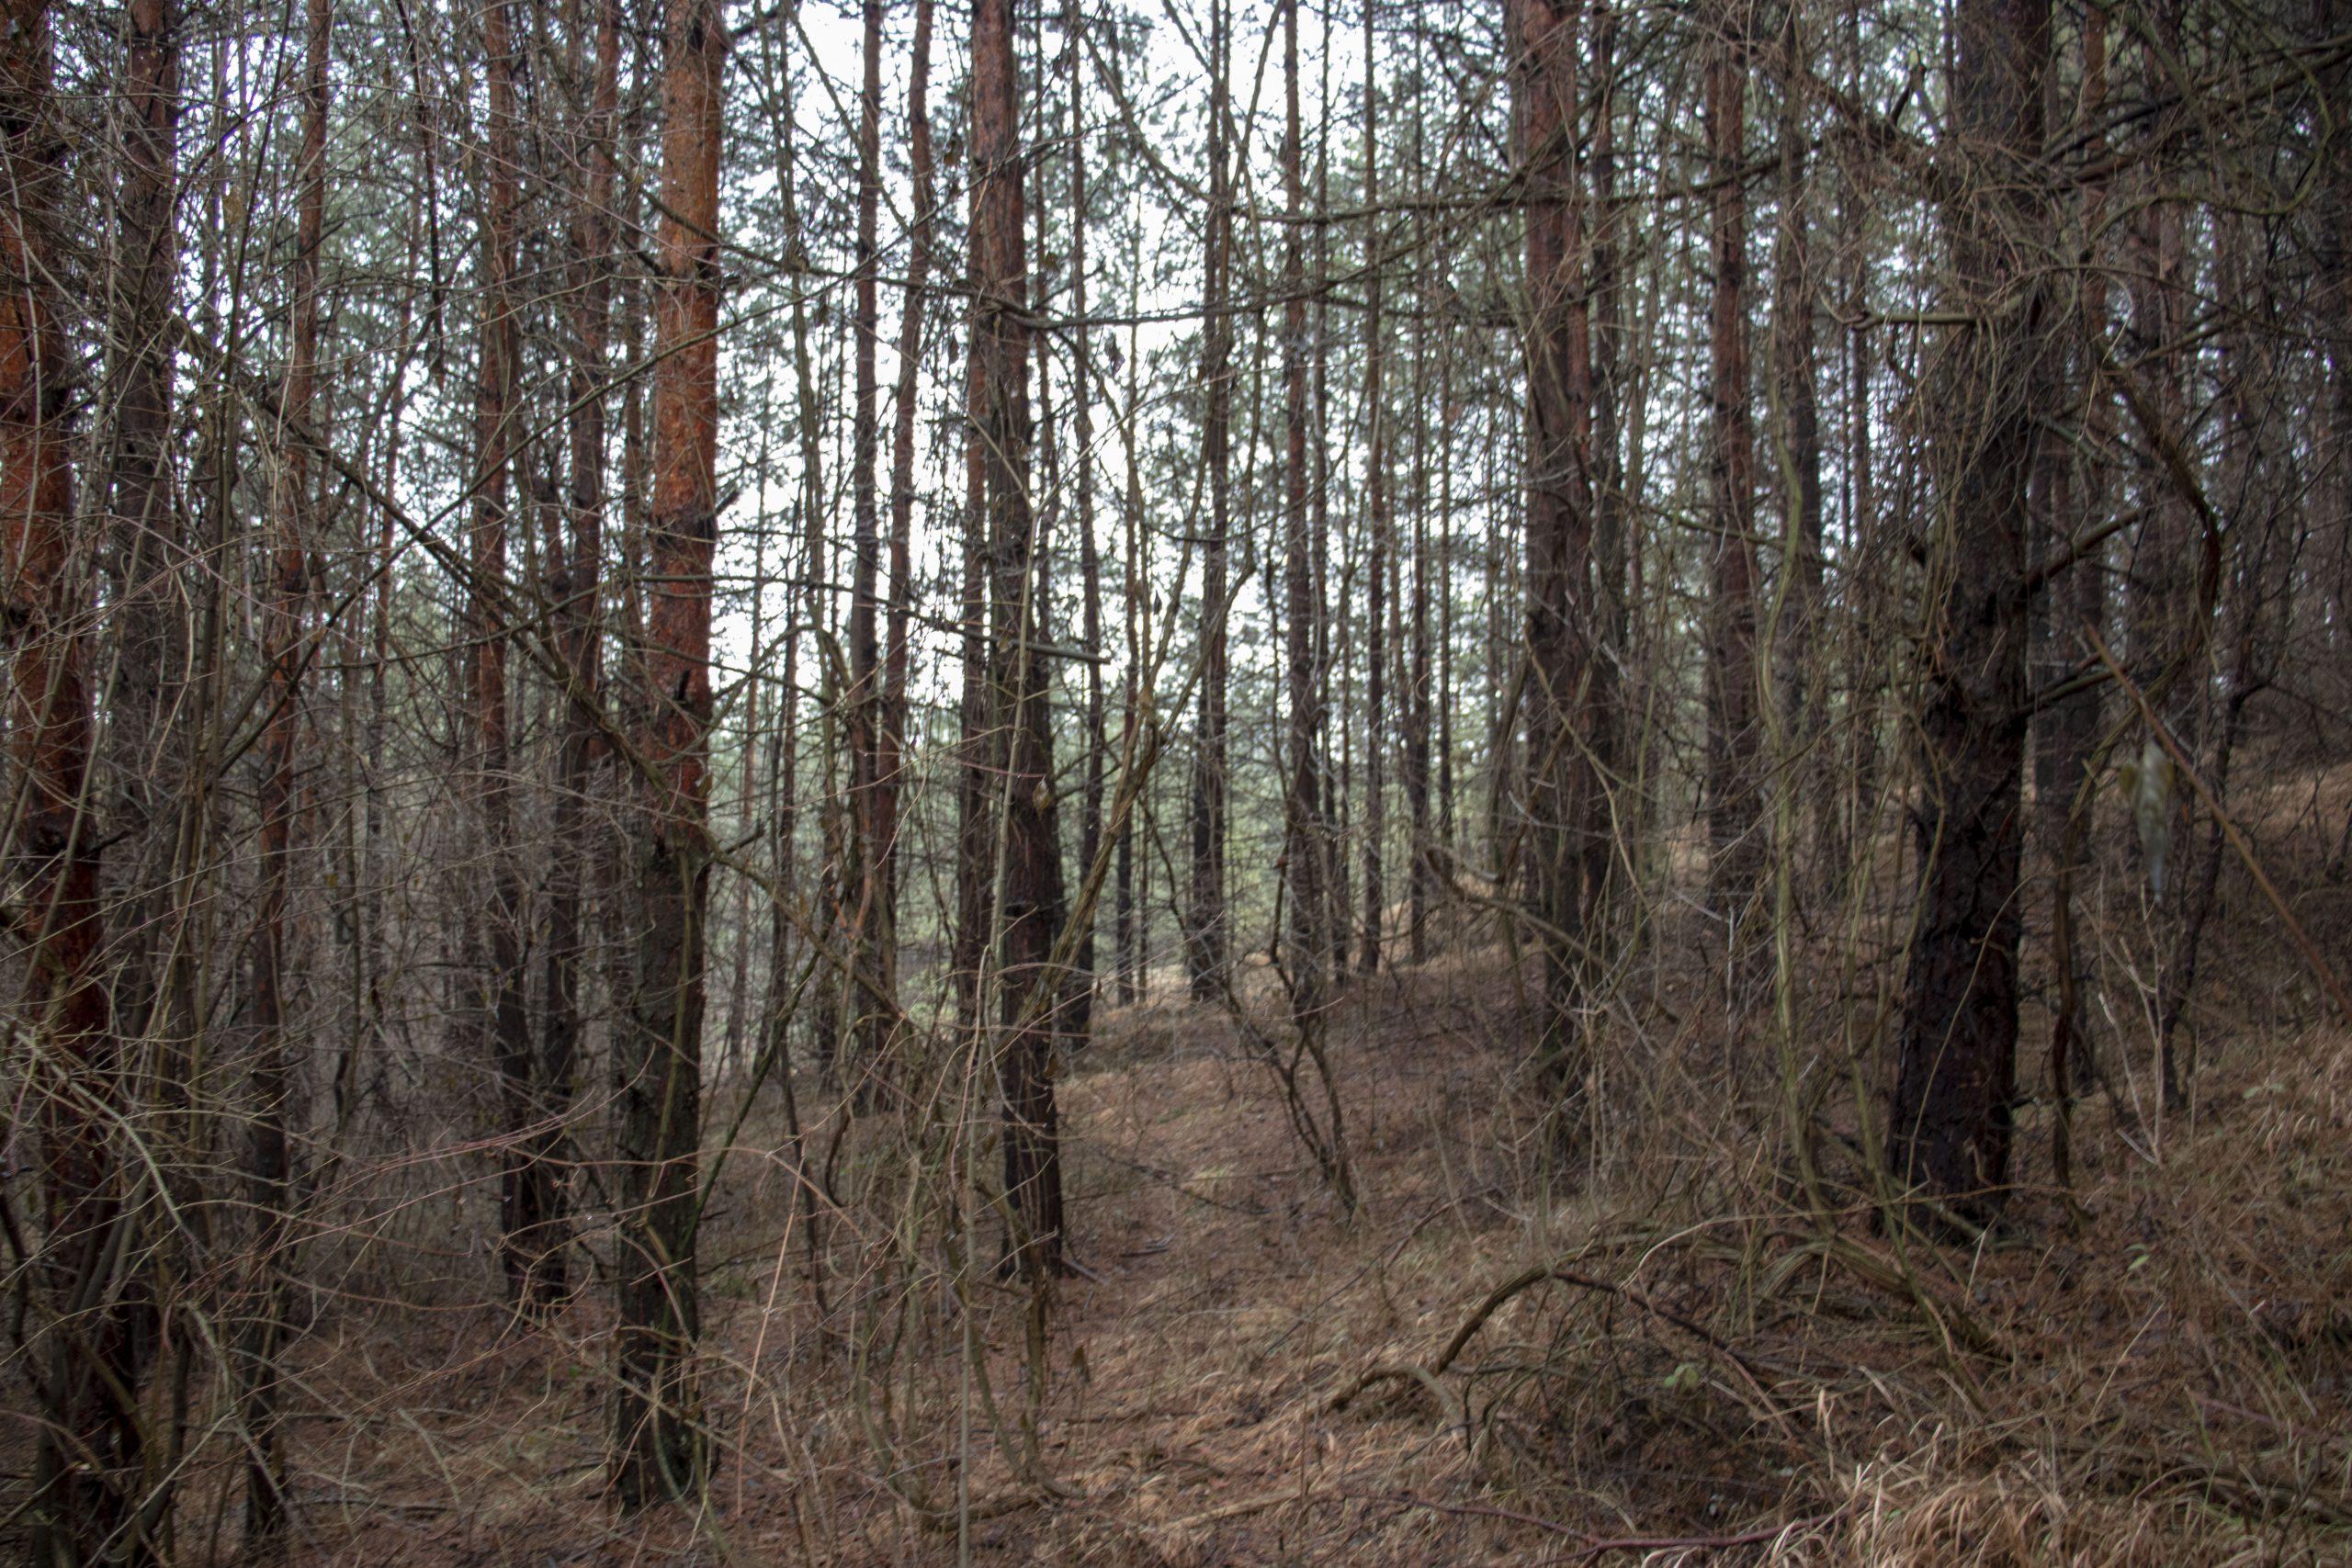 Šumska staza kroz bijele borove